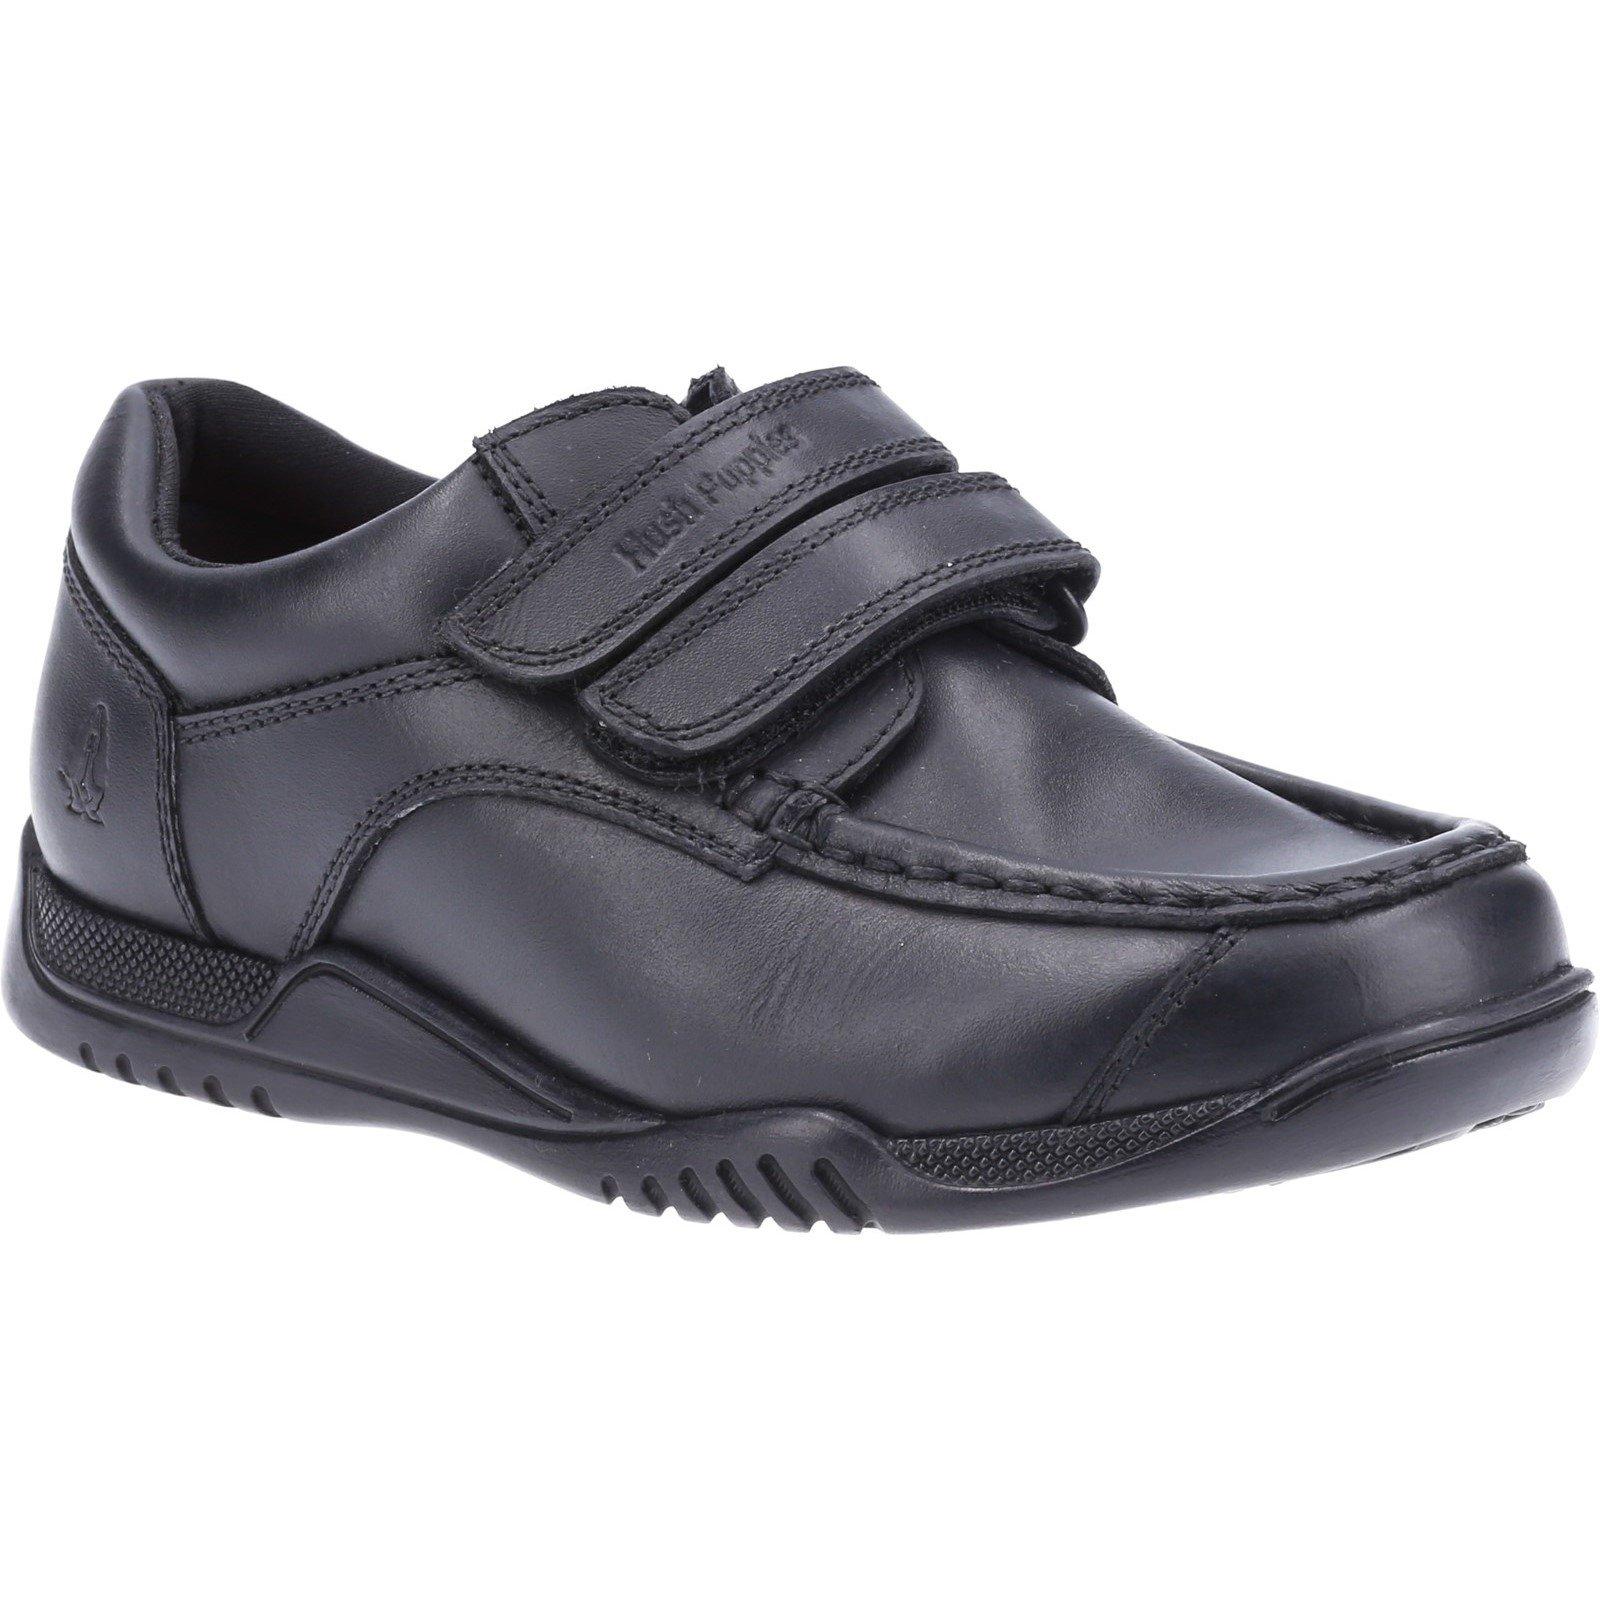 Hush Puppies Kid's Hayden Junior School Shoe Black 32584 - Black 2